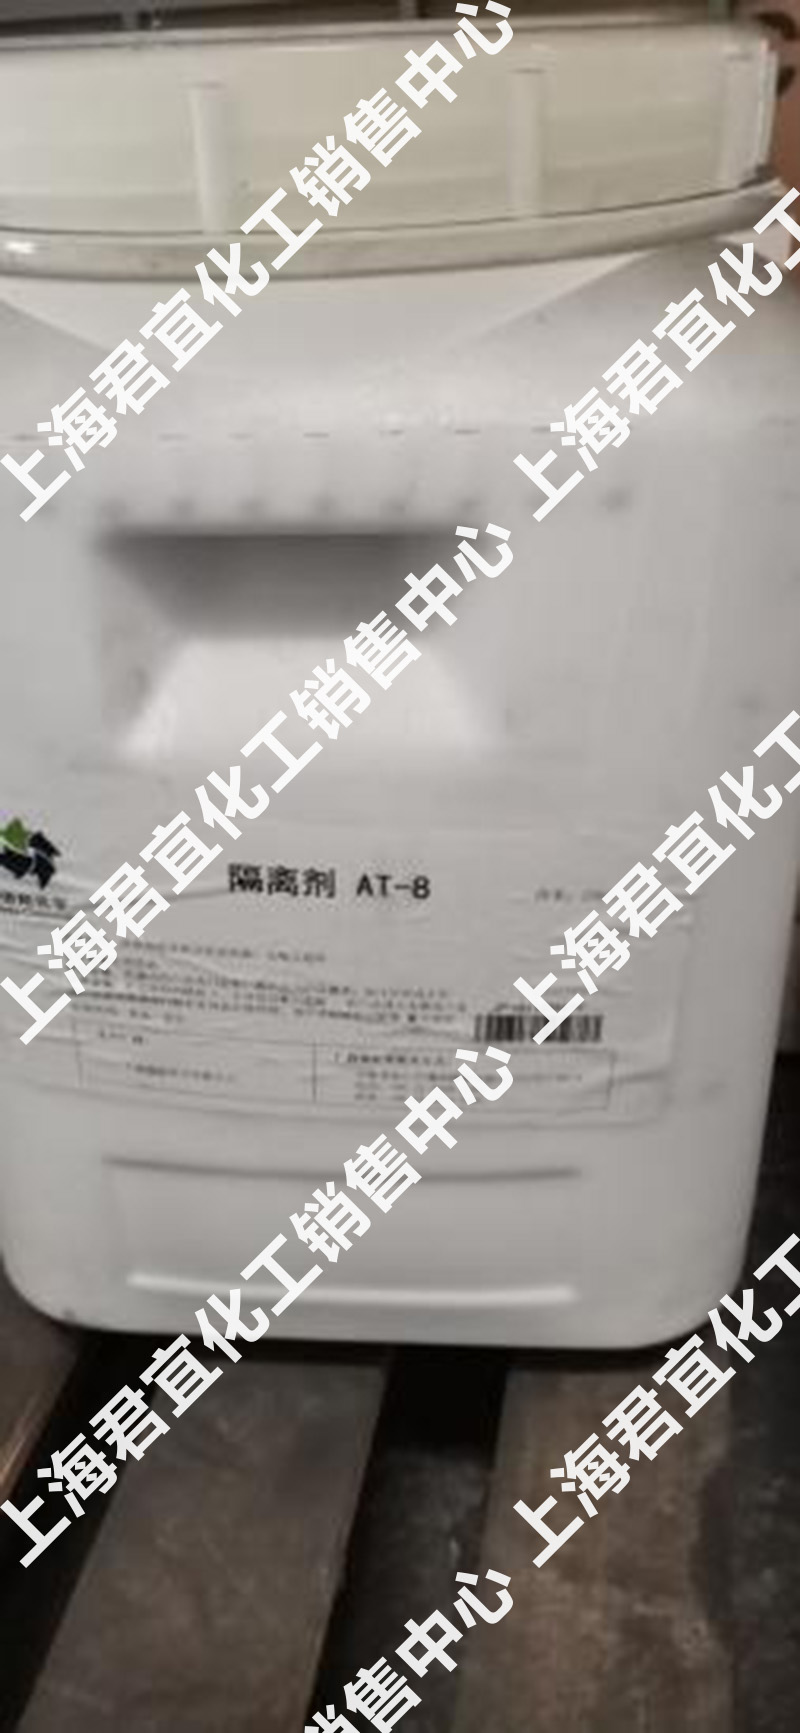 密封圈胶片防粘剂 真诚推荐 上海君宜化工供应